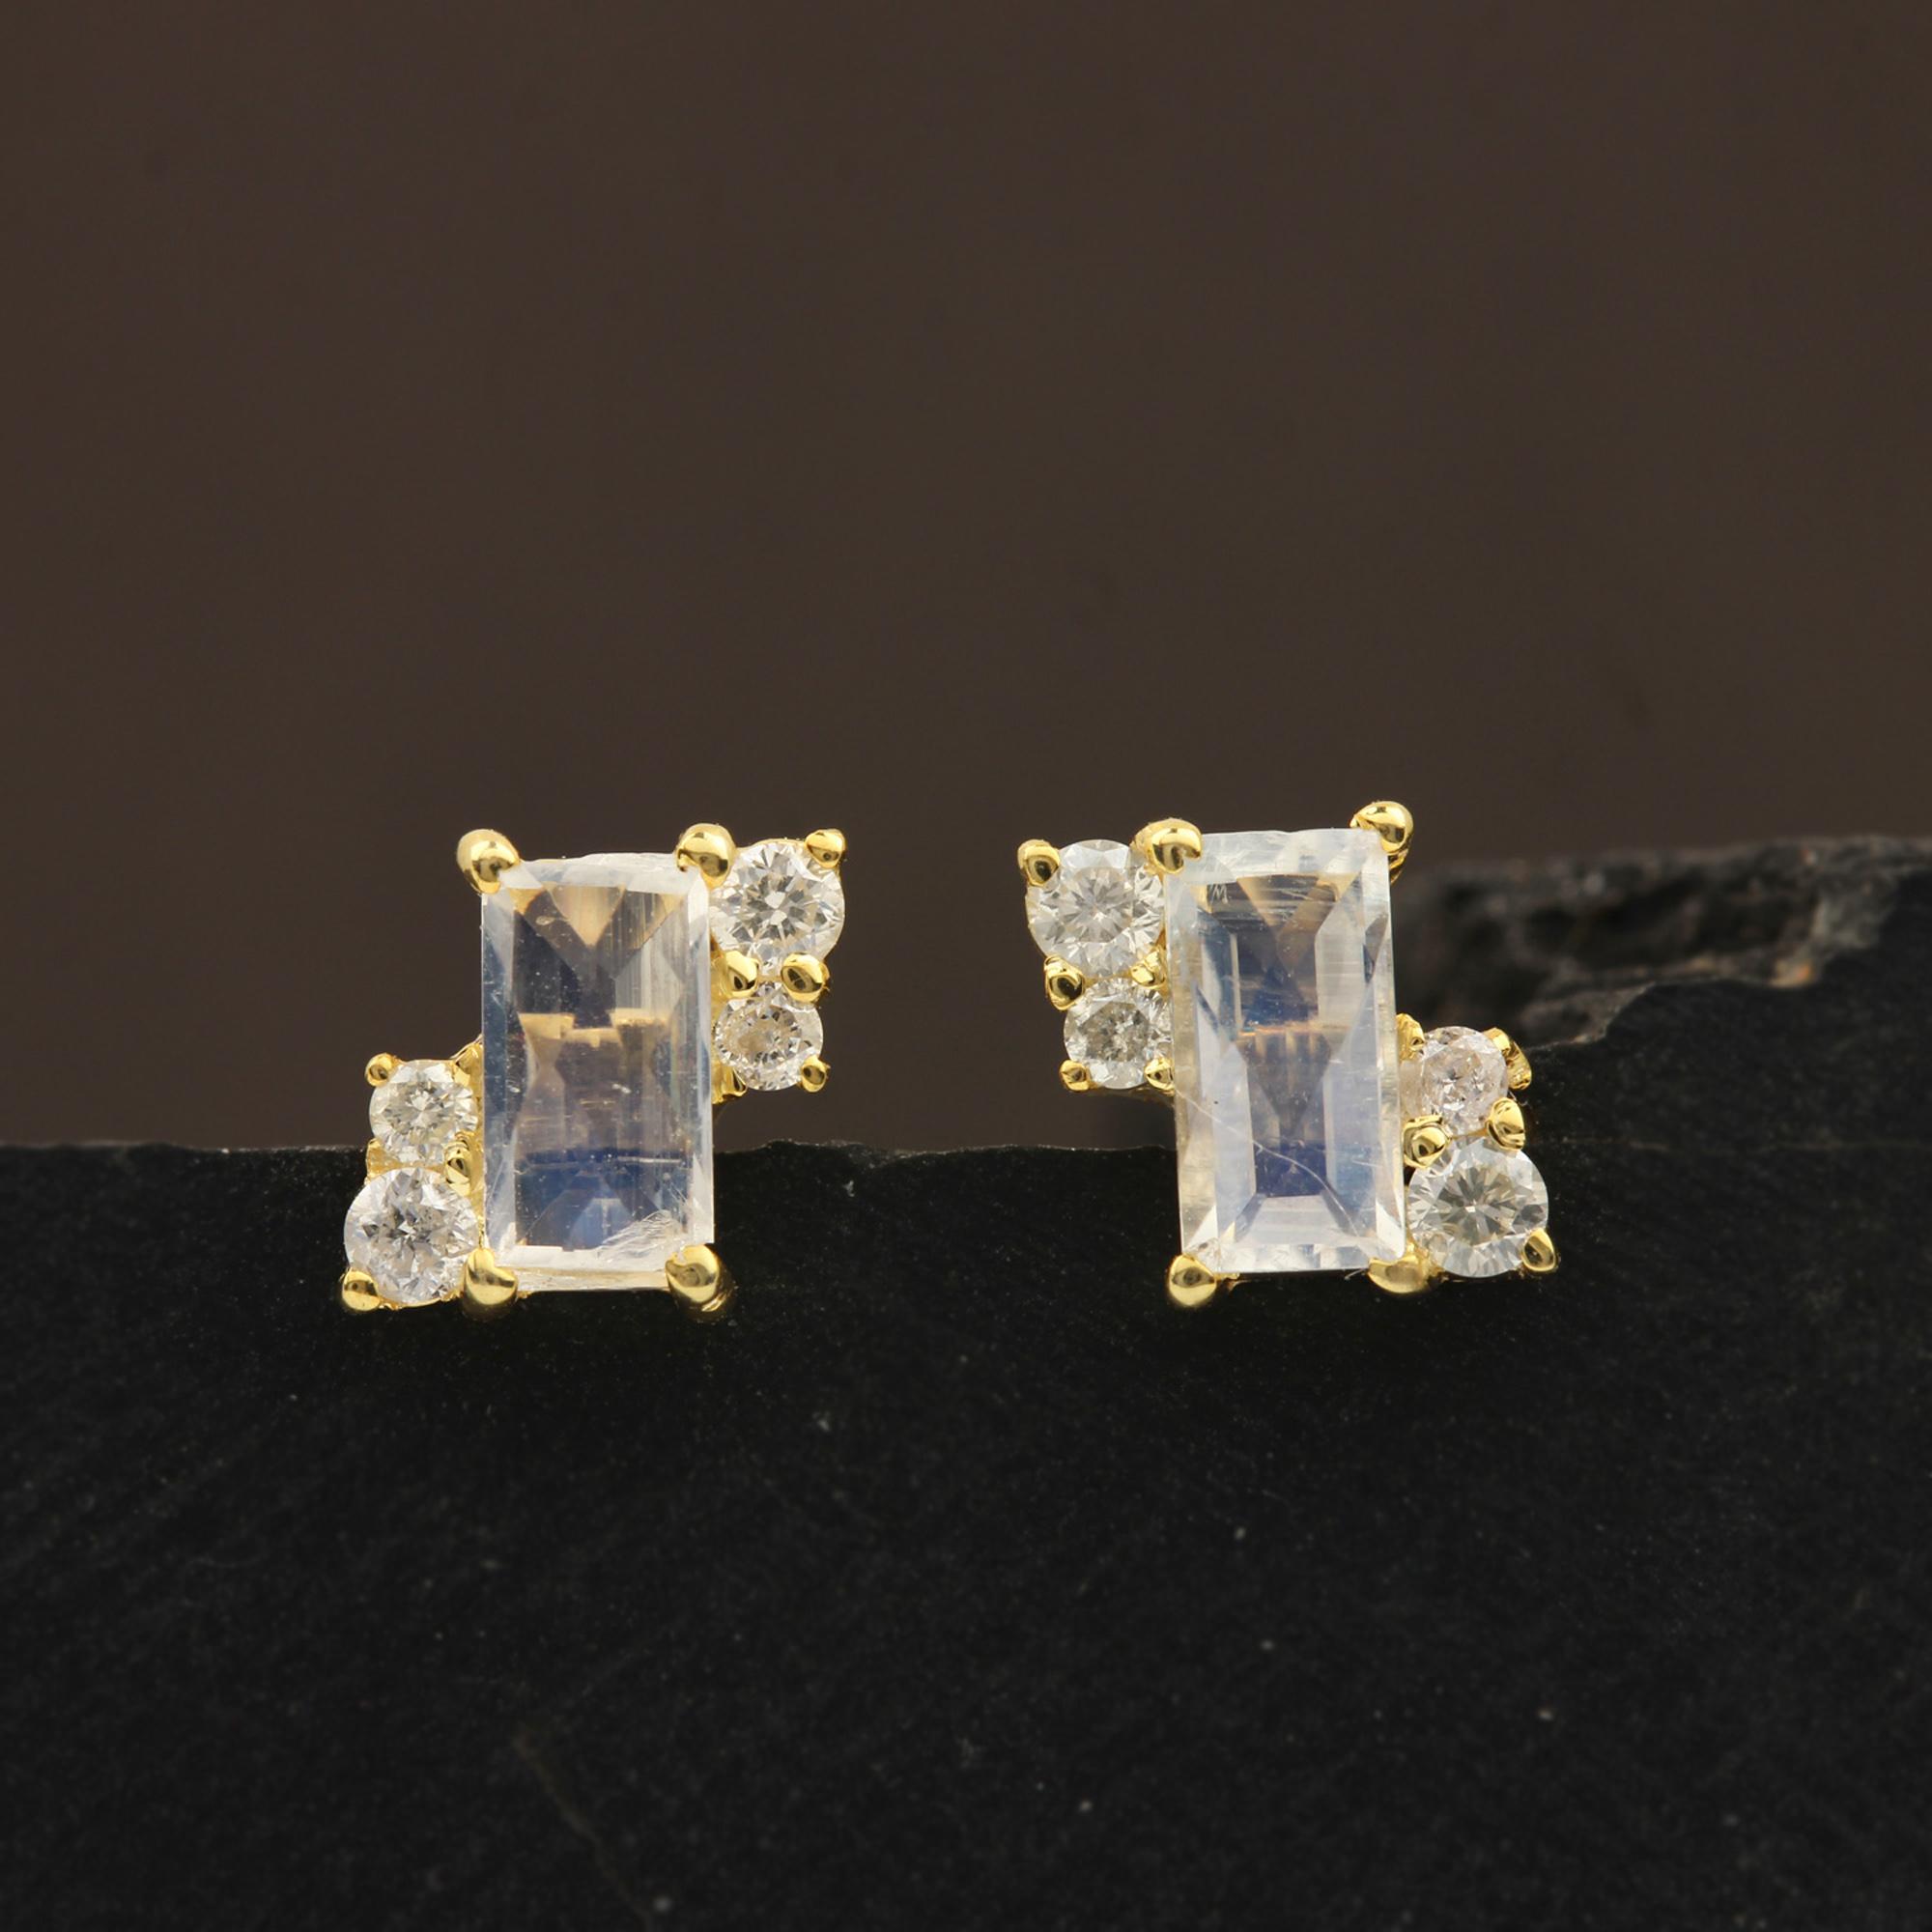 14k Solid Gold Minimalist Stud Earrings Adorned With Diamond & Moonstone